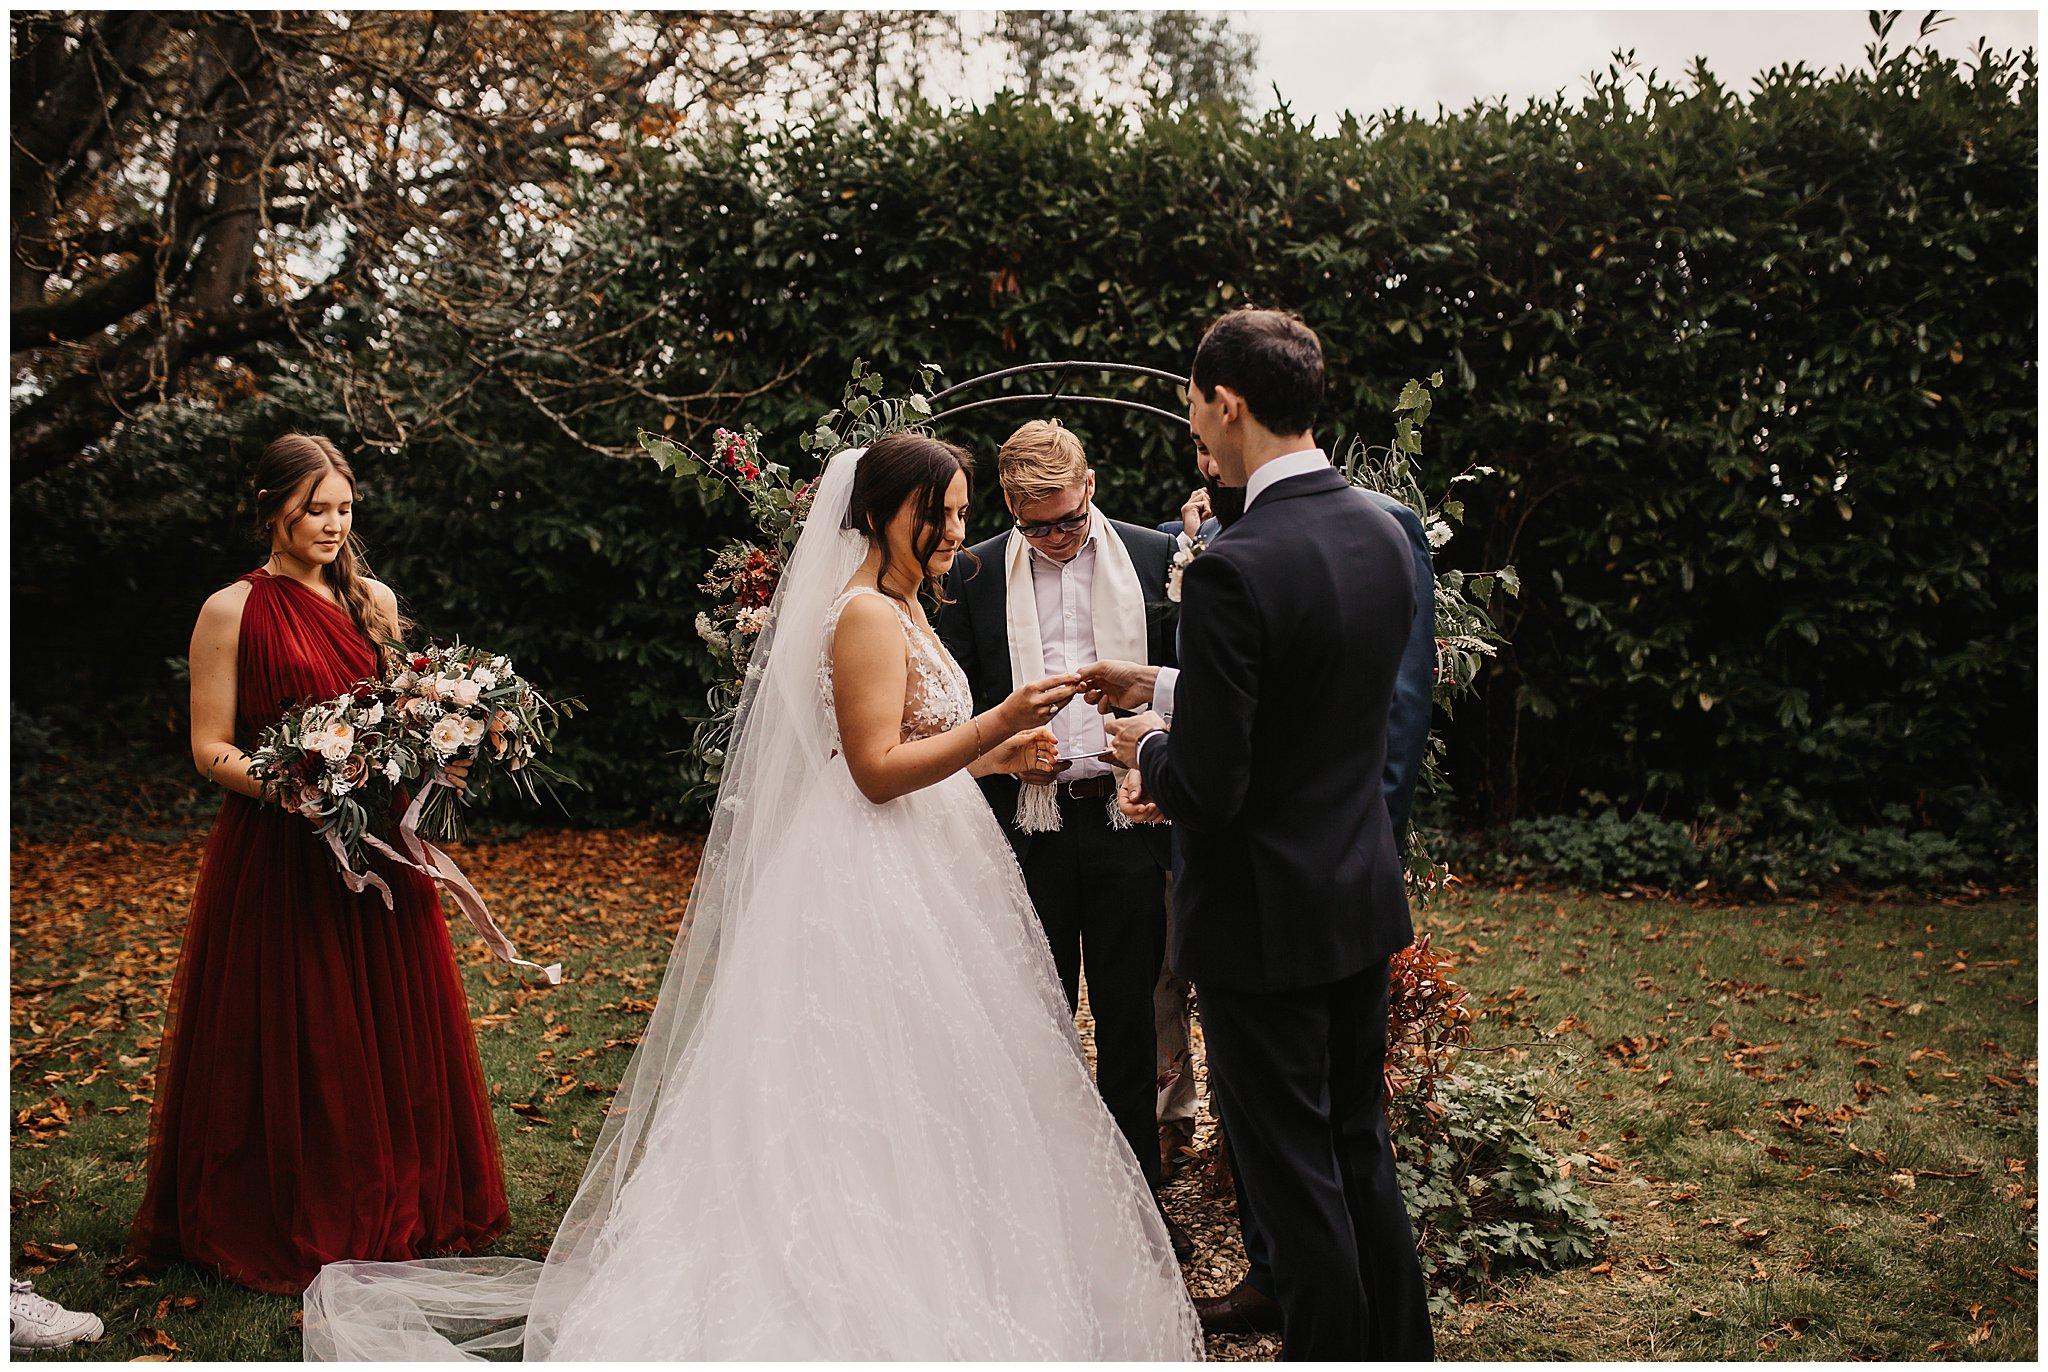 Max & Ksenia Autumnal Wiltshire Wedding-254.jpg